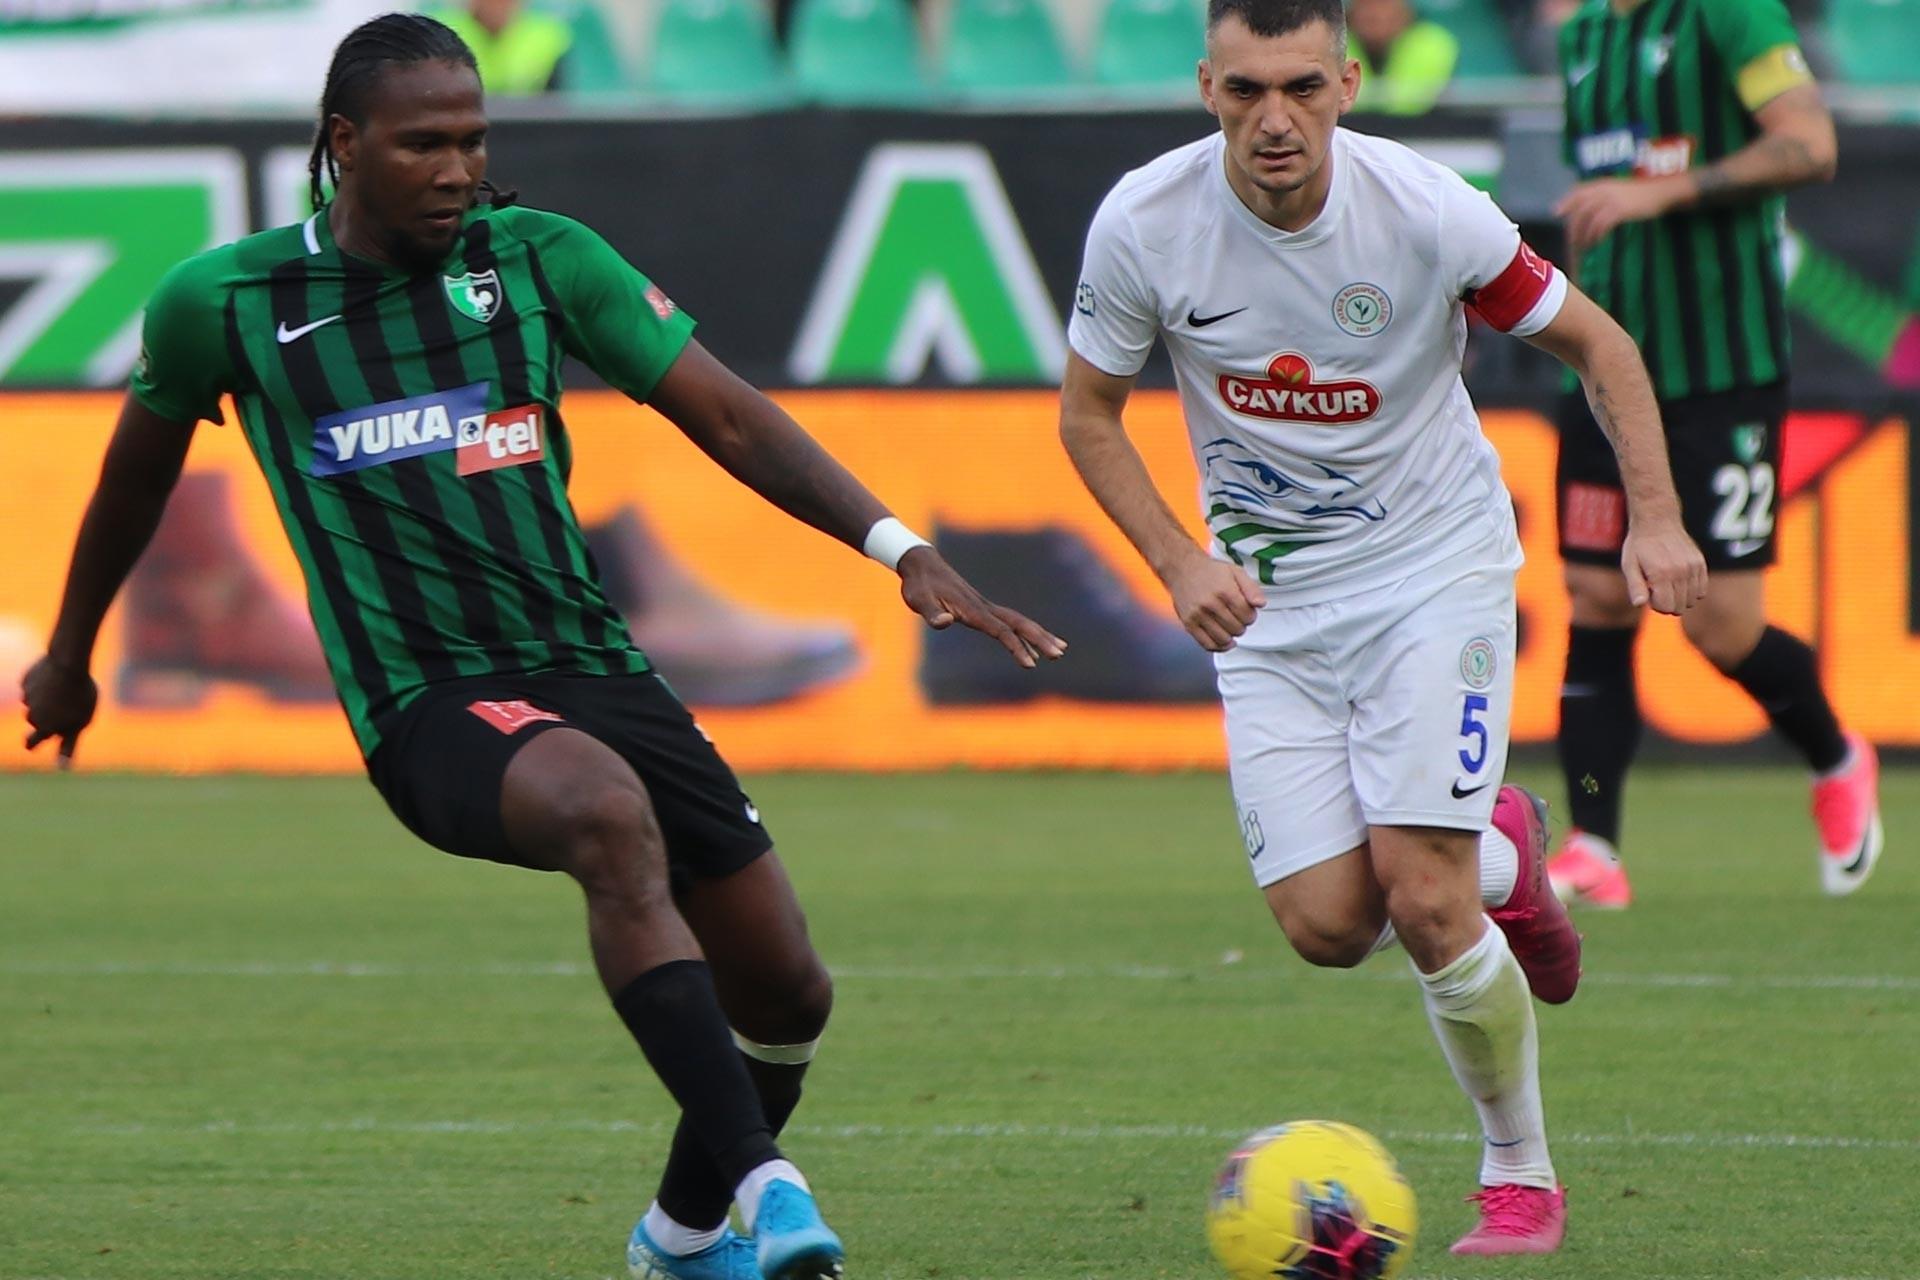 Denizlispor'dan Rodallega, Rizesporlu oyuncu ile maçta mücadele ederken